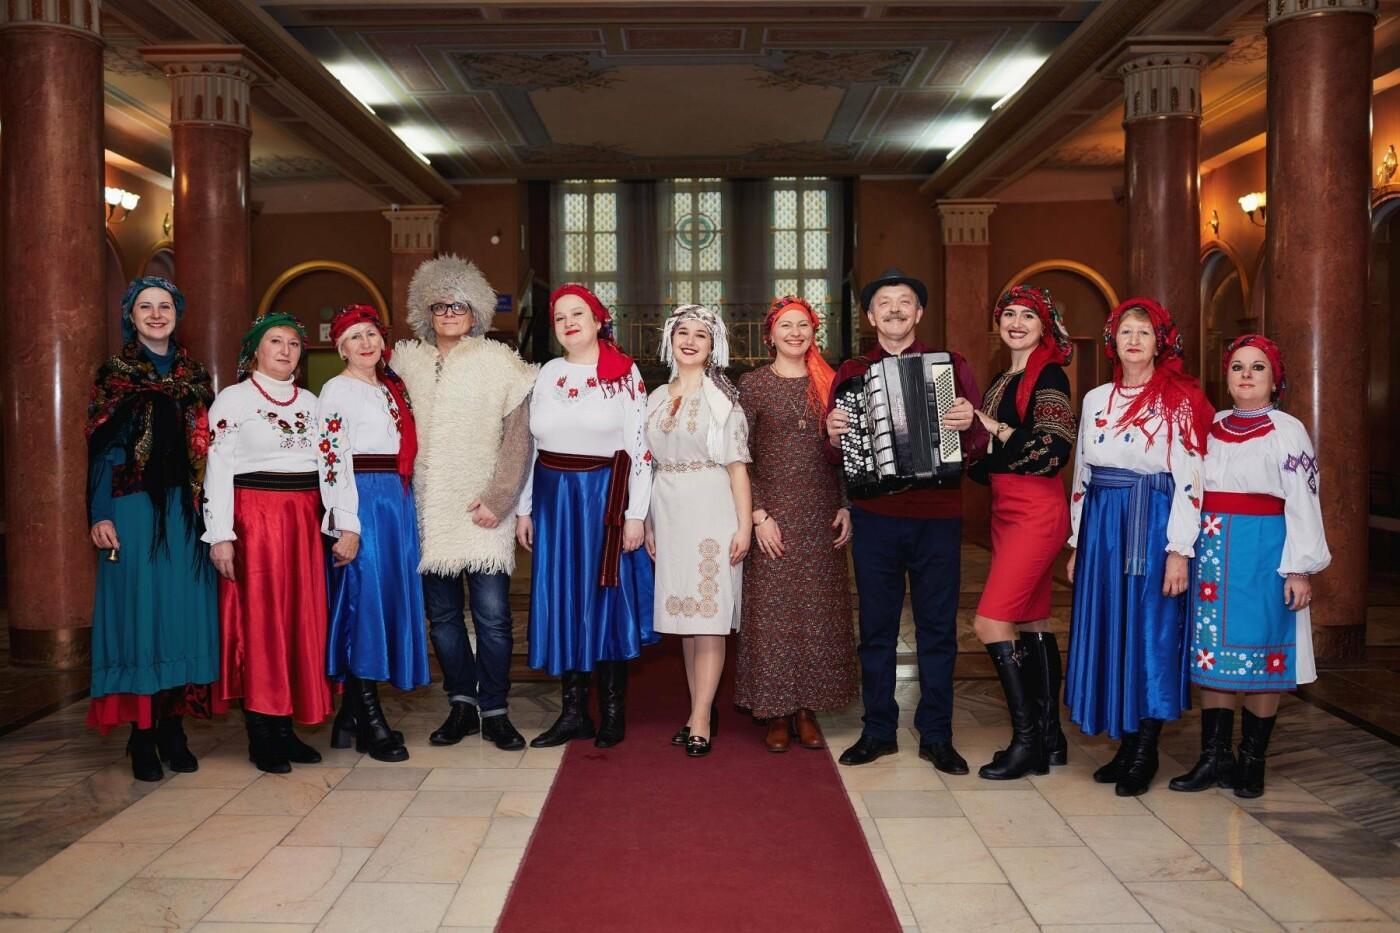 «Різдво по-ужгородськи», або як колядують в обласному центрі Закарпаття (ФОТО, ВІДЕО), фото-1